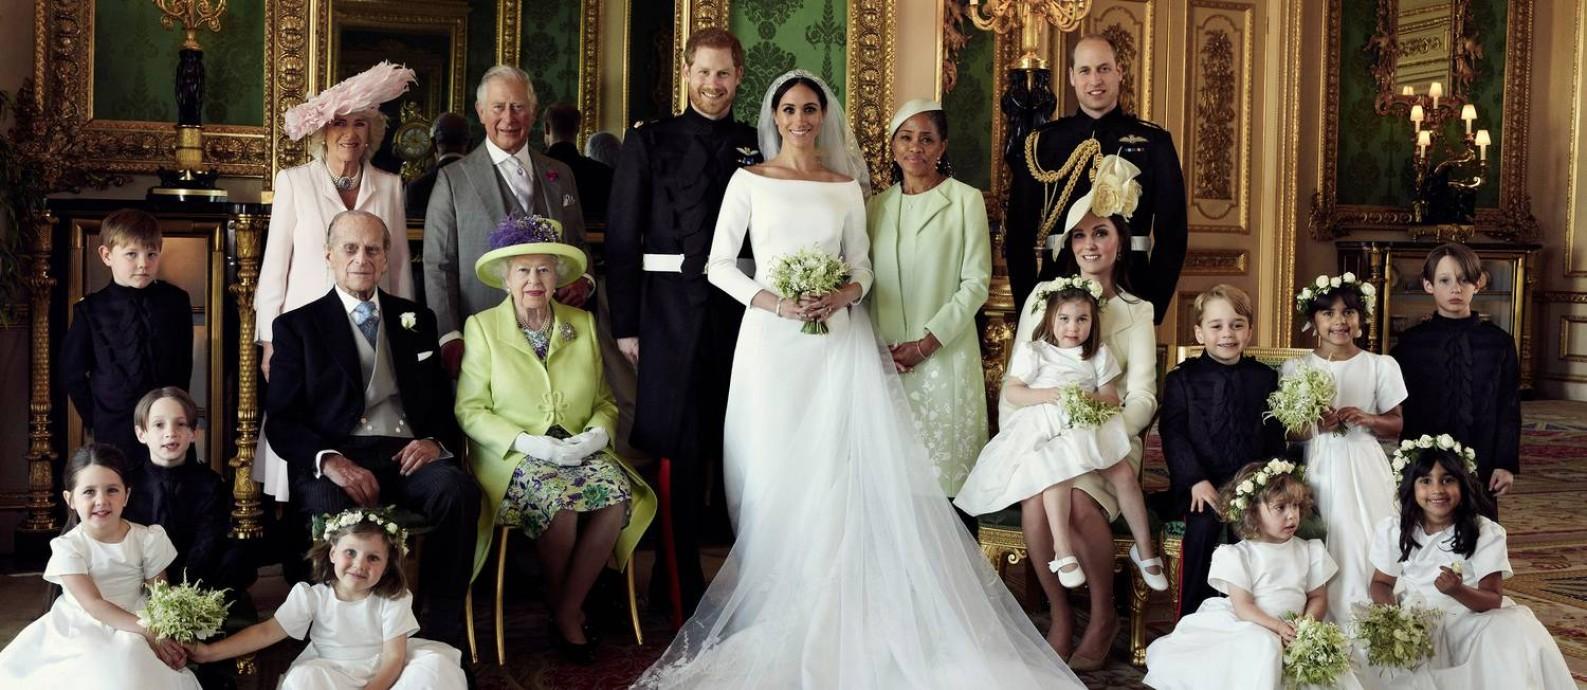 O retrato da família real britânica em 2018, na ocasião do casamento do príncipe Harry com a atriz americana Meghan Markle Foto: REUTERS